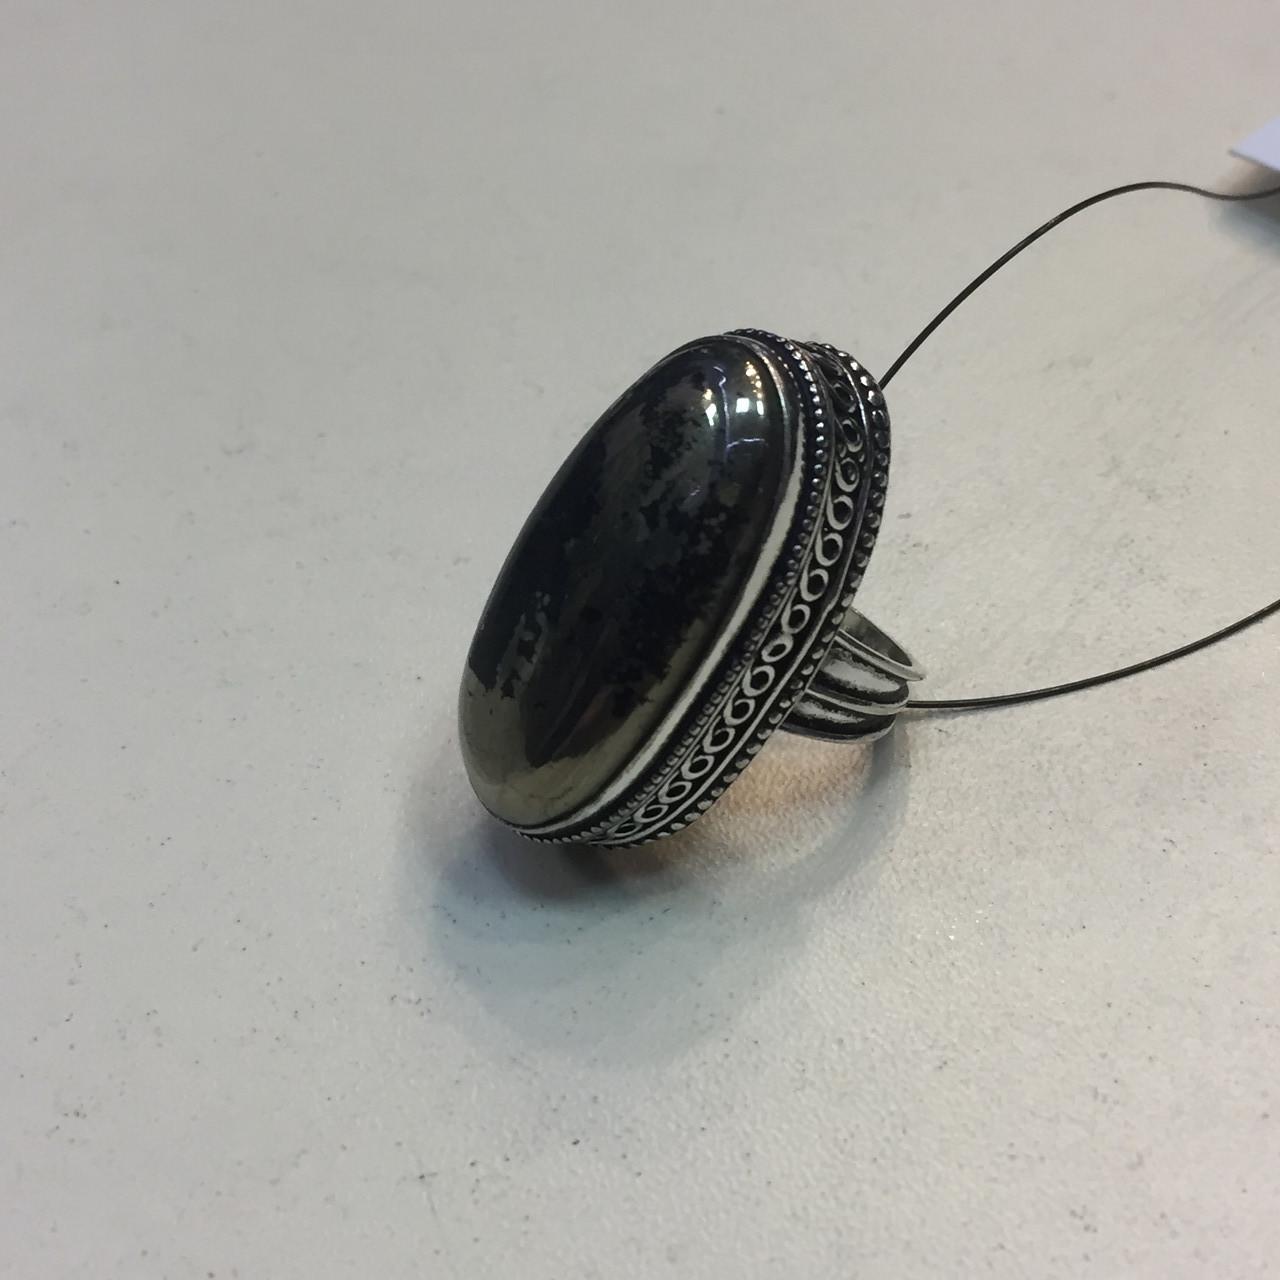 Пирит красивое кольцо с камнем пирит 16,5-17 размер кольцо с пиритом Индия!